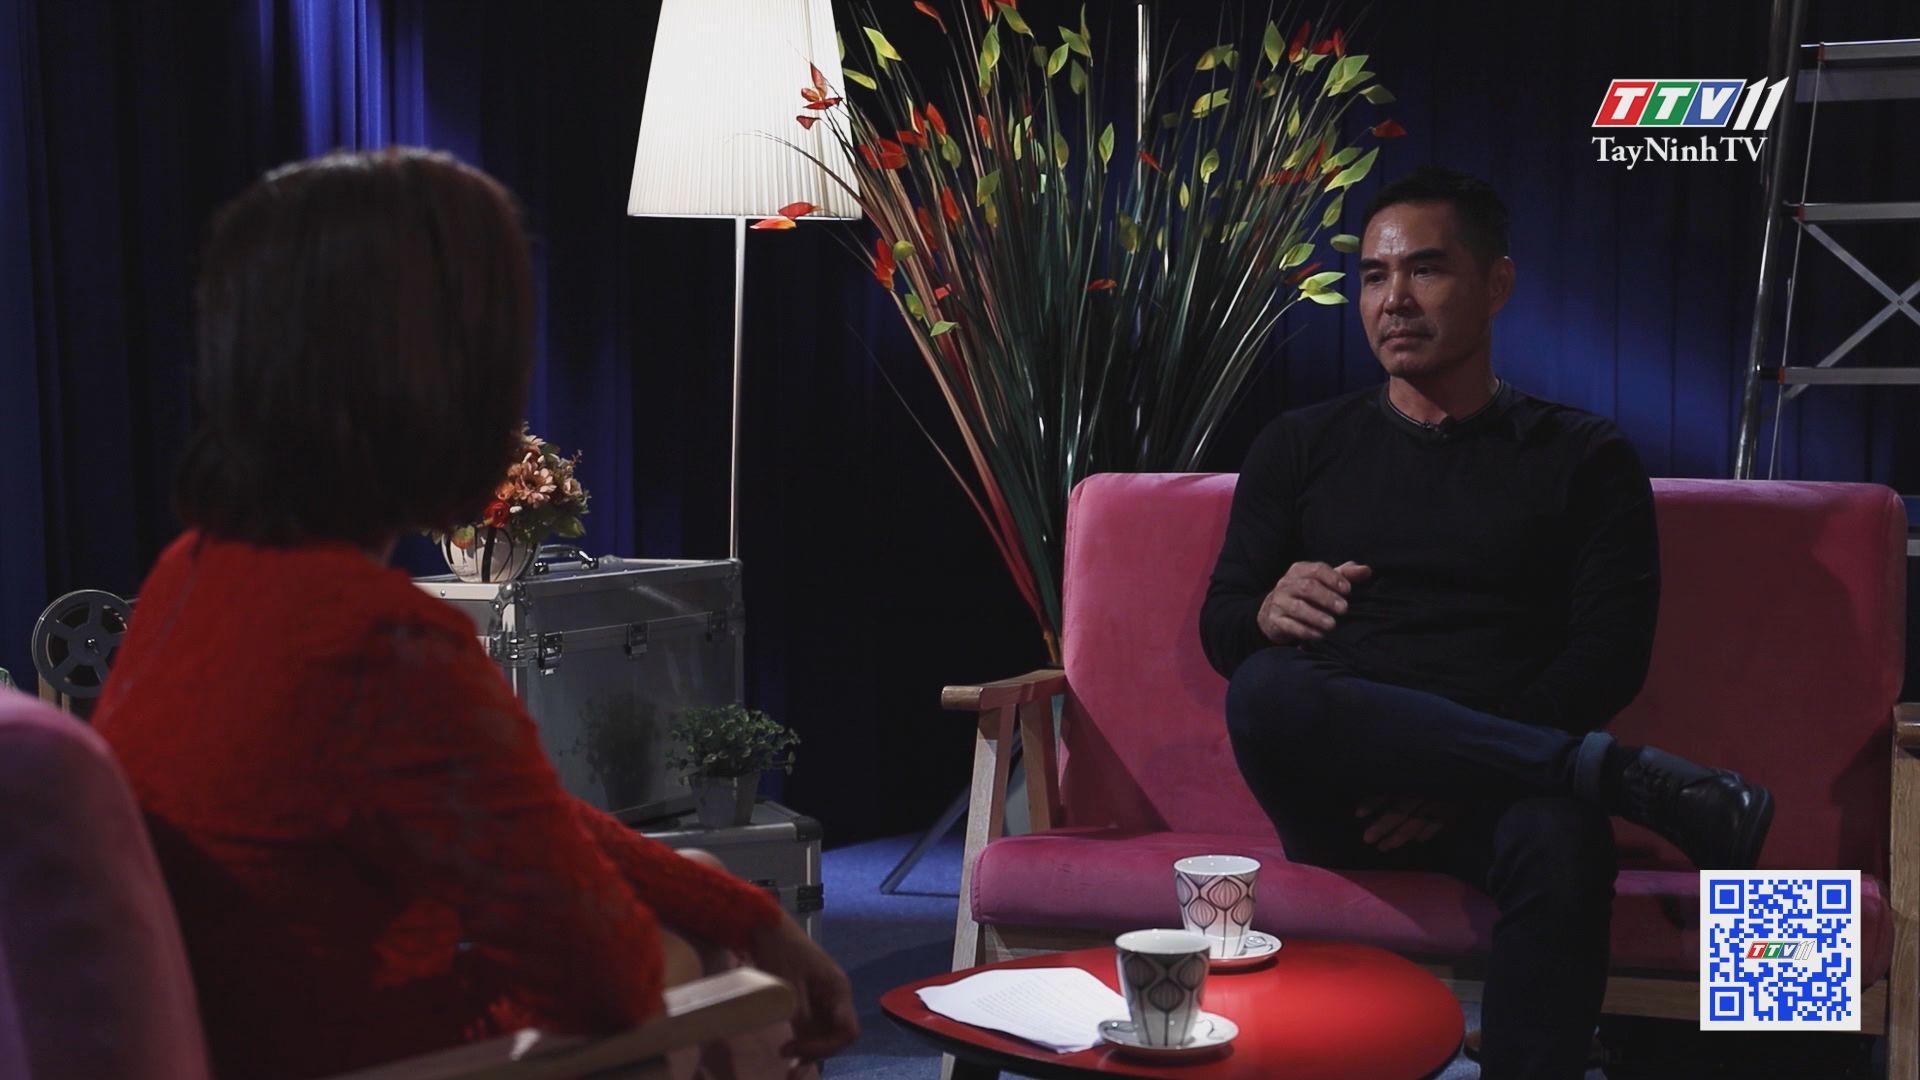 Hạnh phúc ở đâu? TRAILER-Phần 2 | Truyền hình Tây Ninh | TayNinhTV